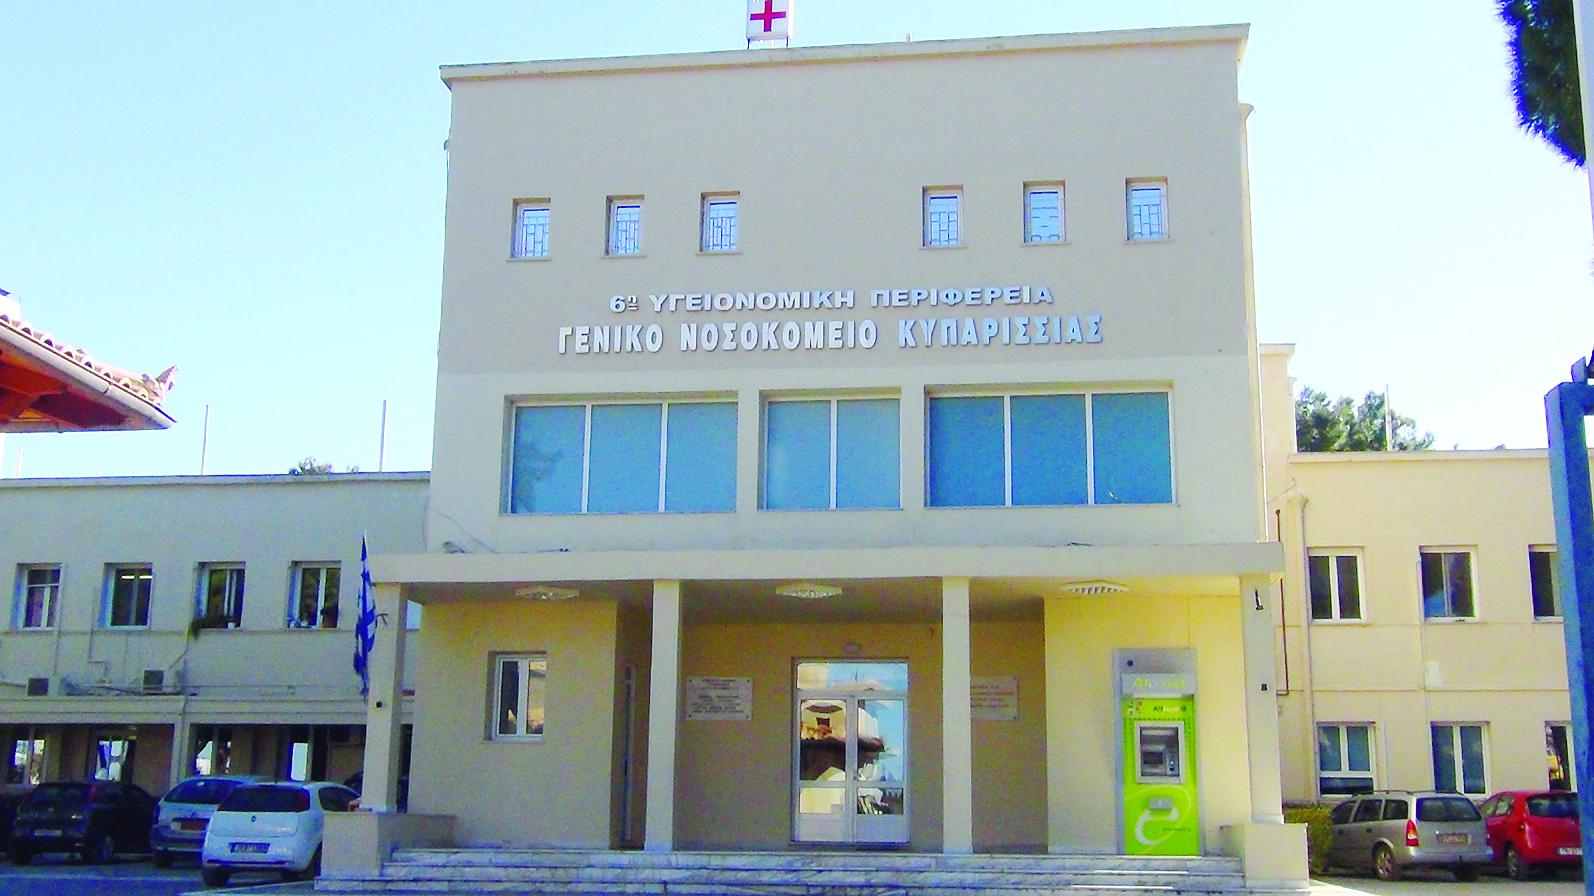 Άγγελος Χρονάς: Εγκληματική η απόφαση για νέα μετακίνηση γιατρού από το Νοσοκομείο Κυπαρισσίας